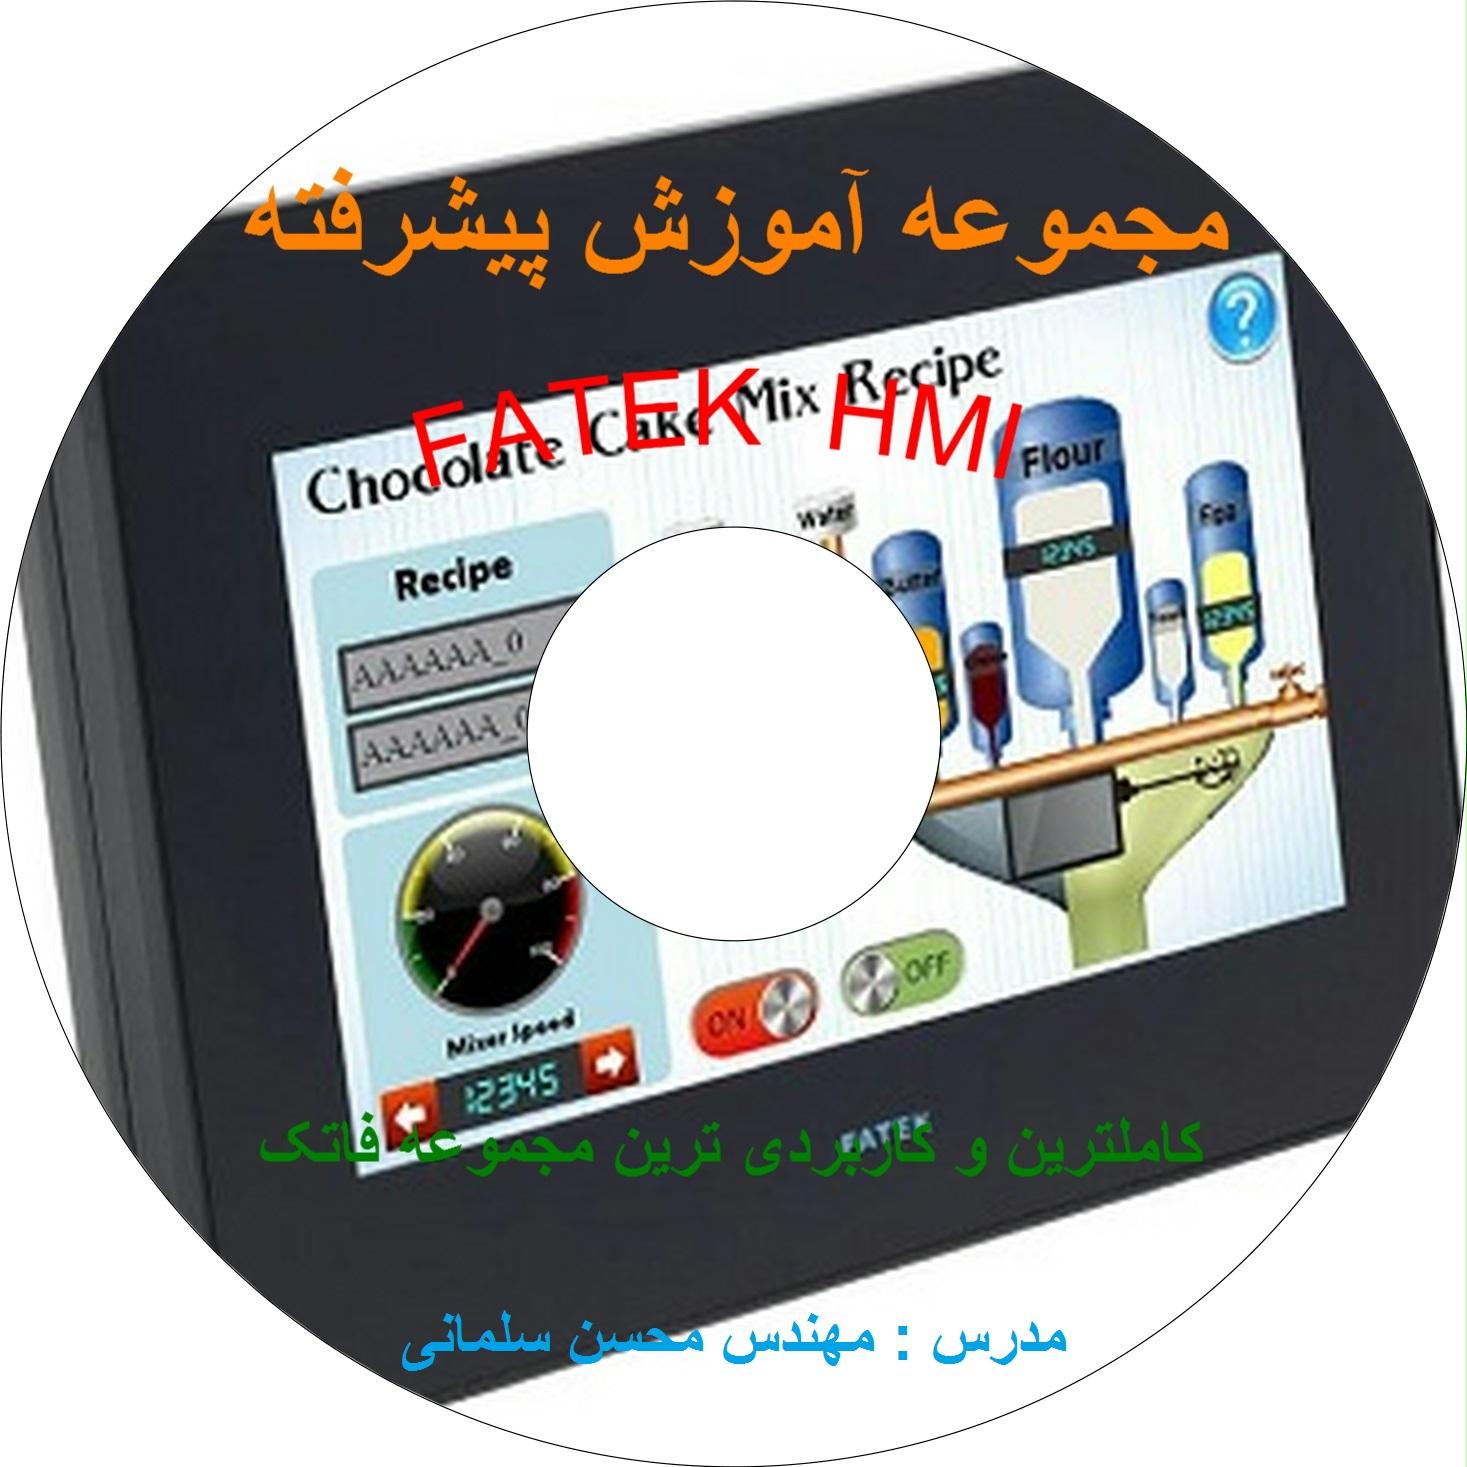 FATEK HMI0110 - آموزش HMI FATEK